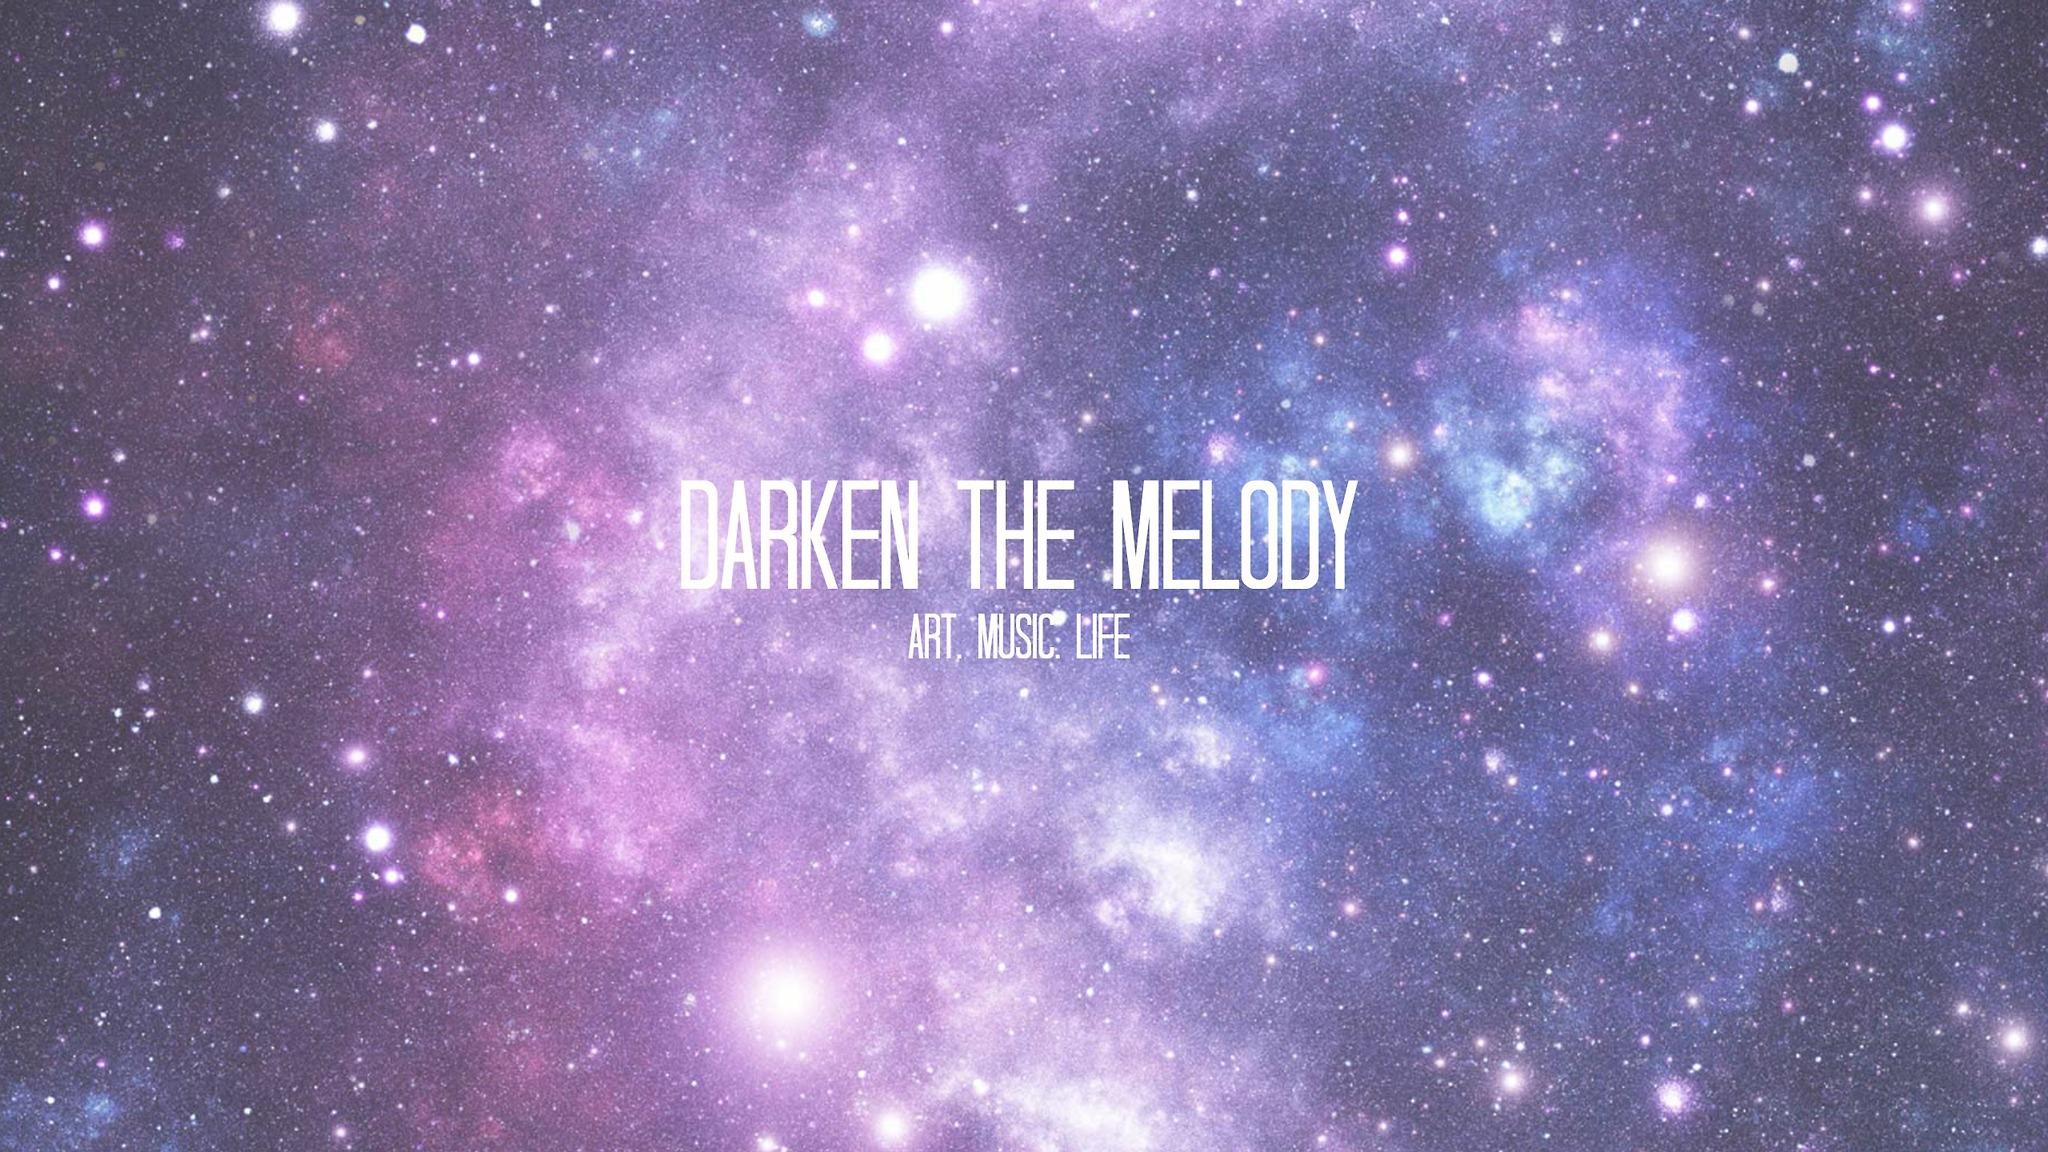 Darken The Melody